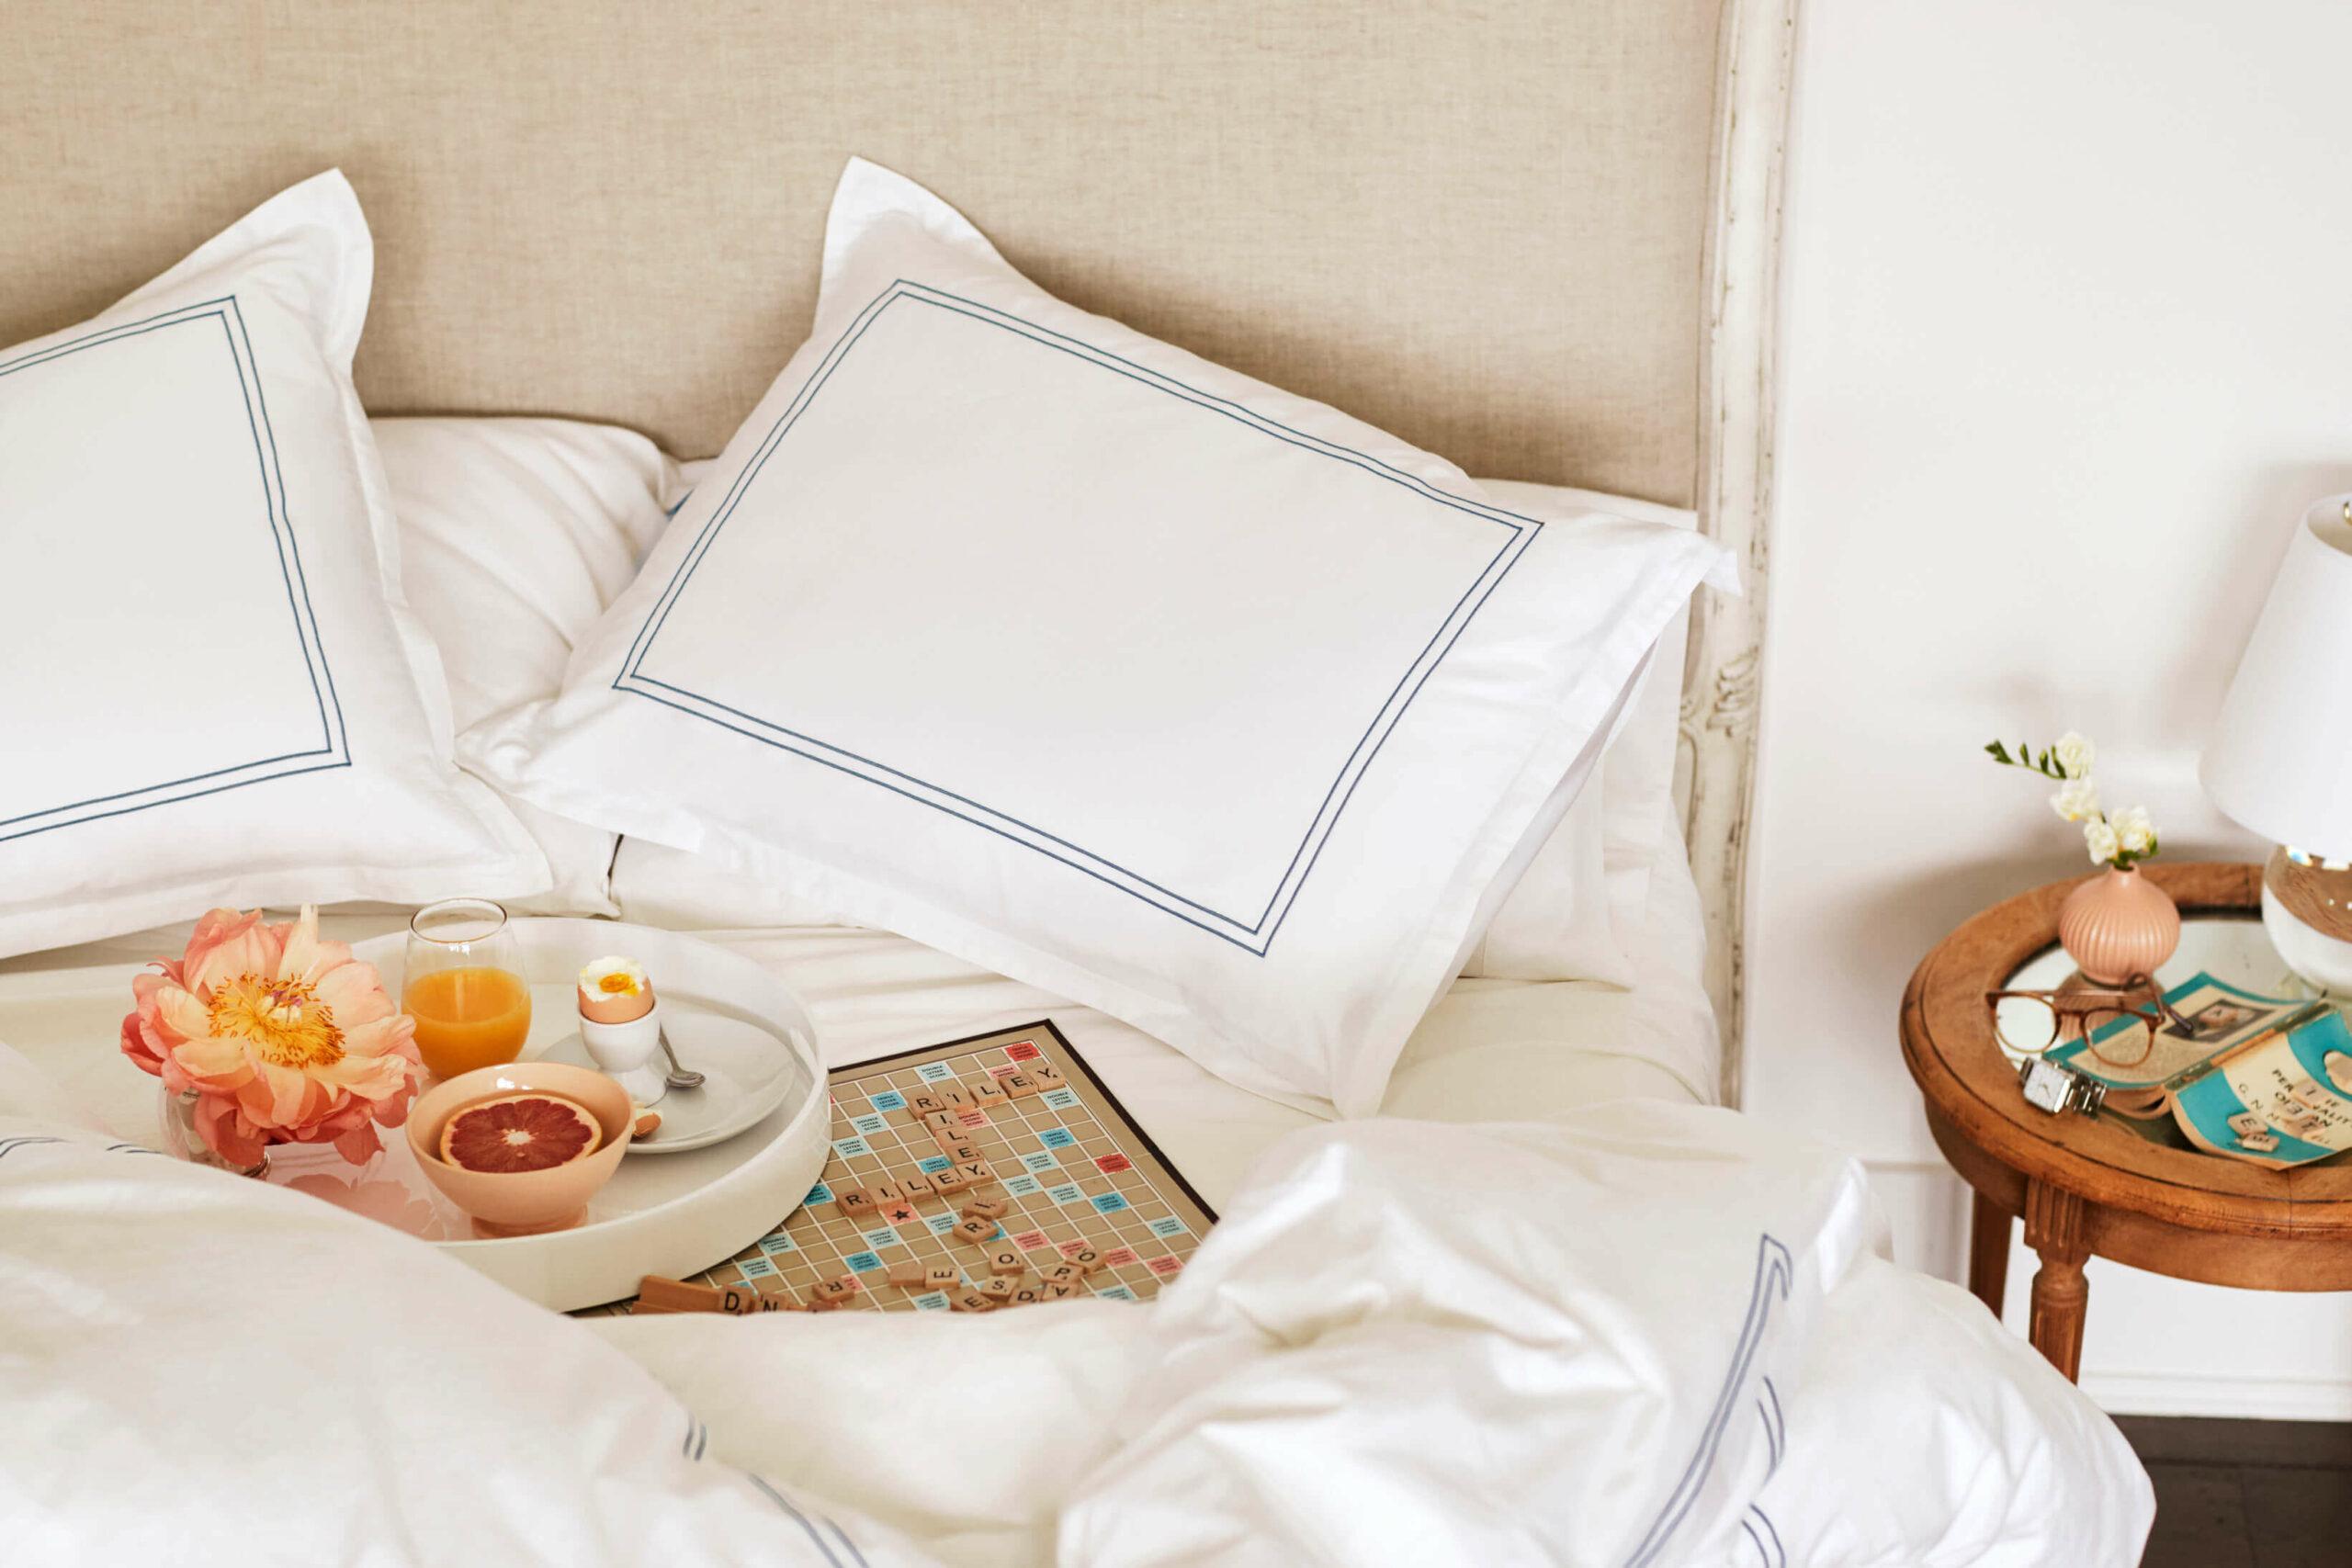 breathabke comfortable sateen sheets